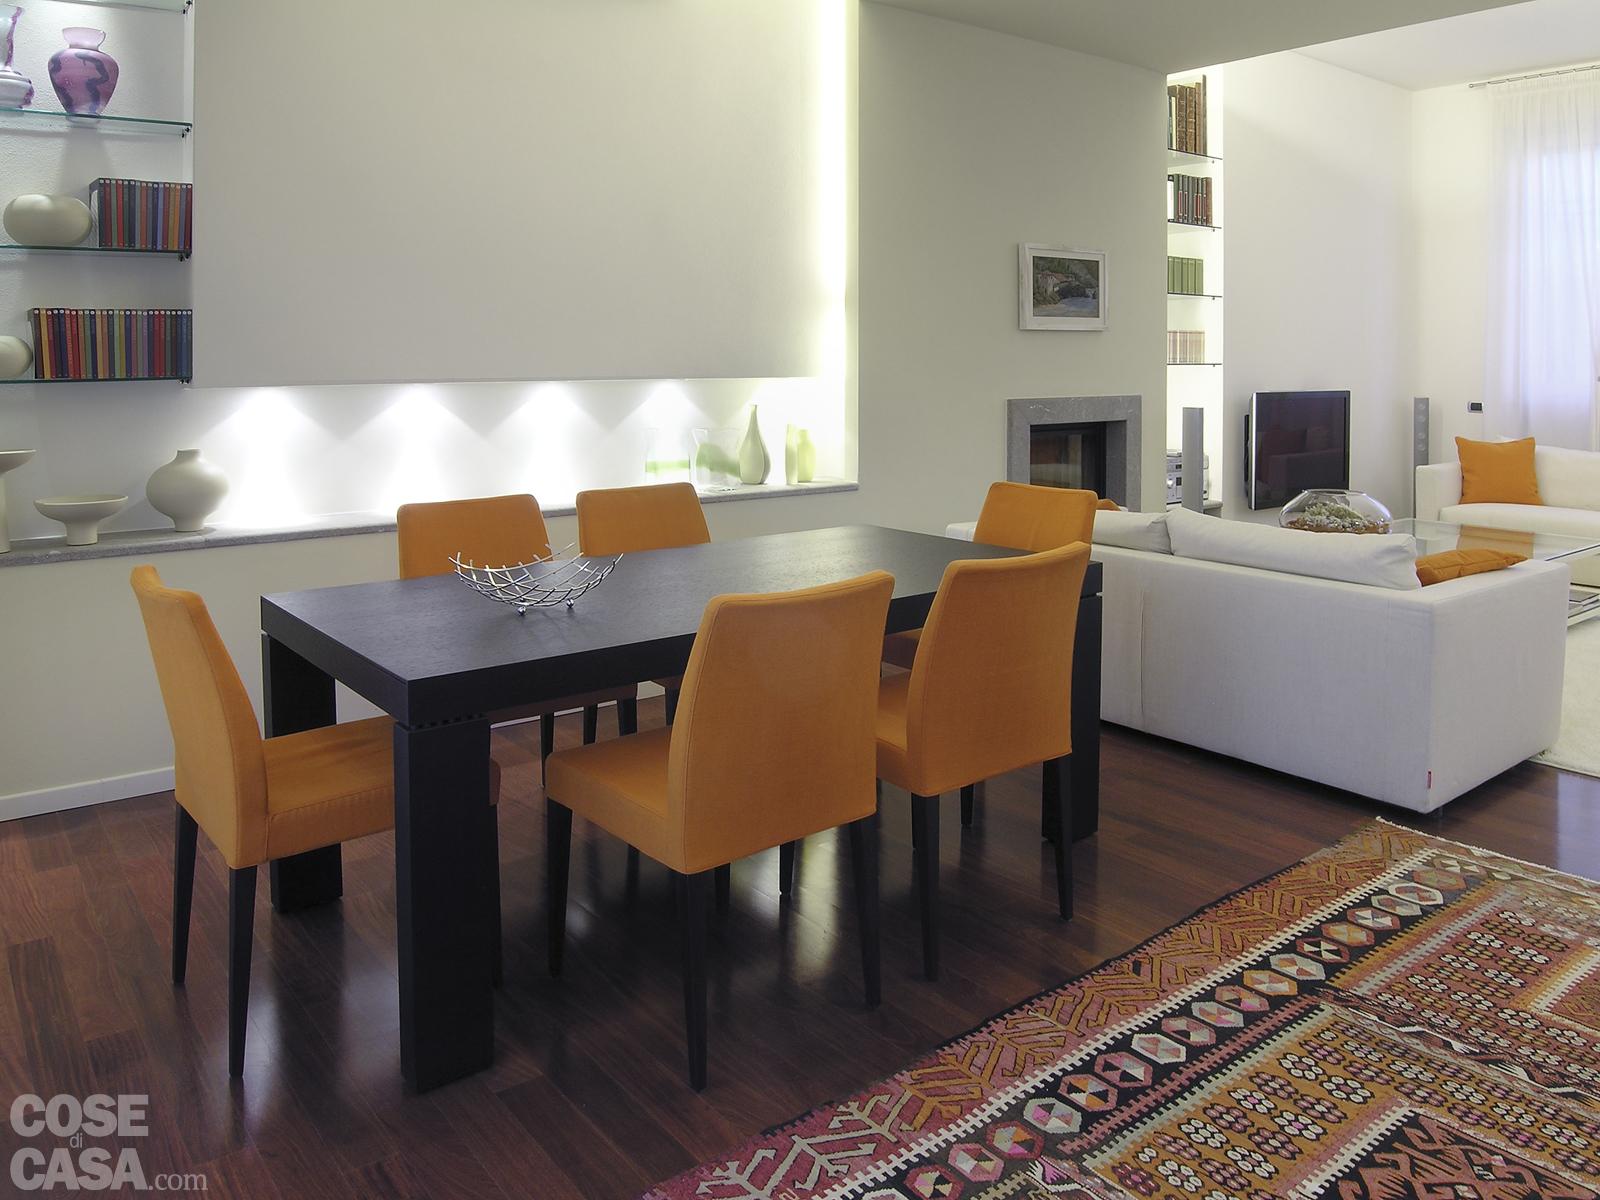 Arredare Soggiorno Foto : Arredare soggiorno moderno foto ...